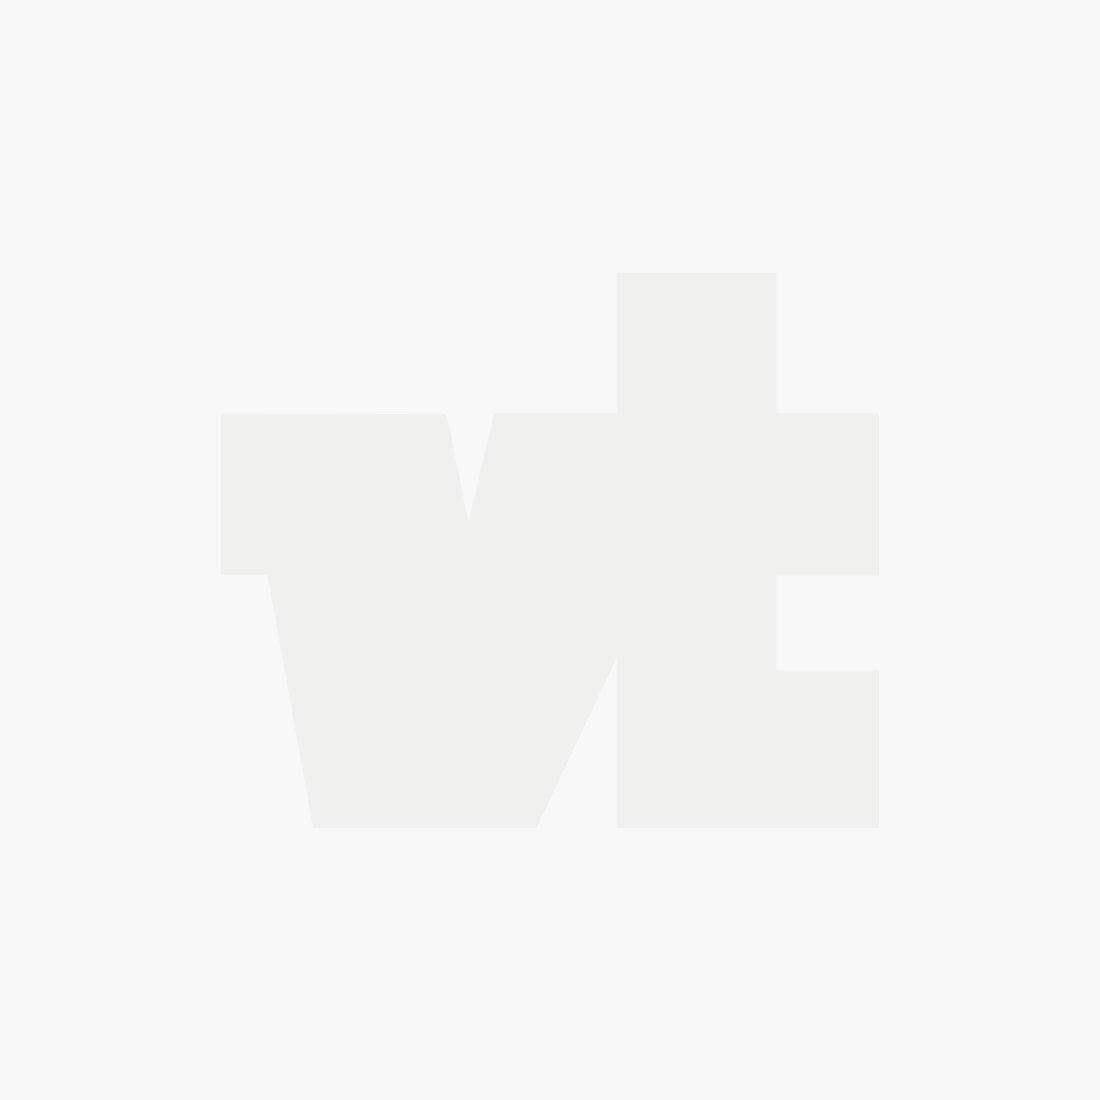 Turtleneck cotton 2 tone mouline placid blue